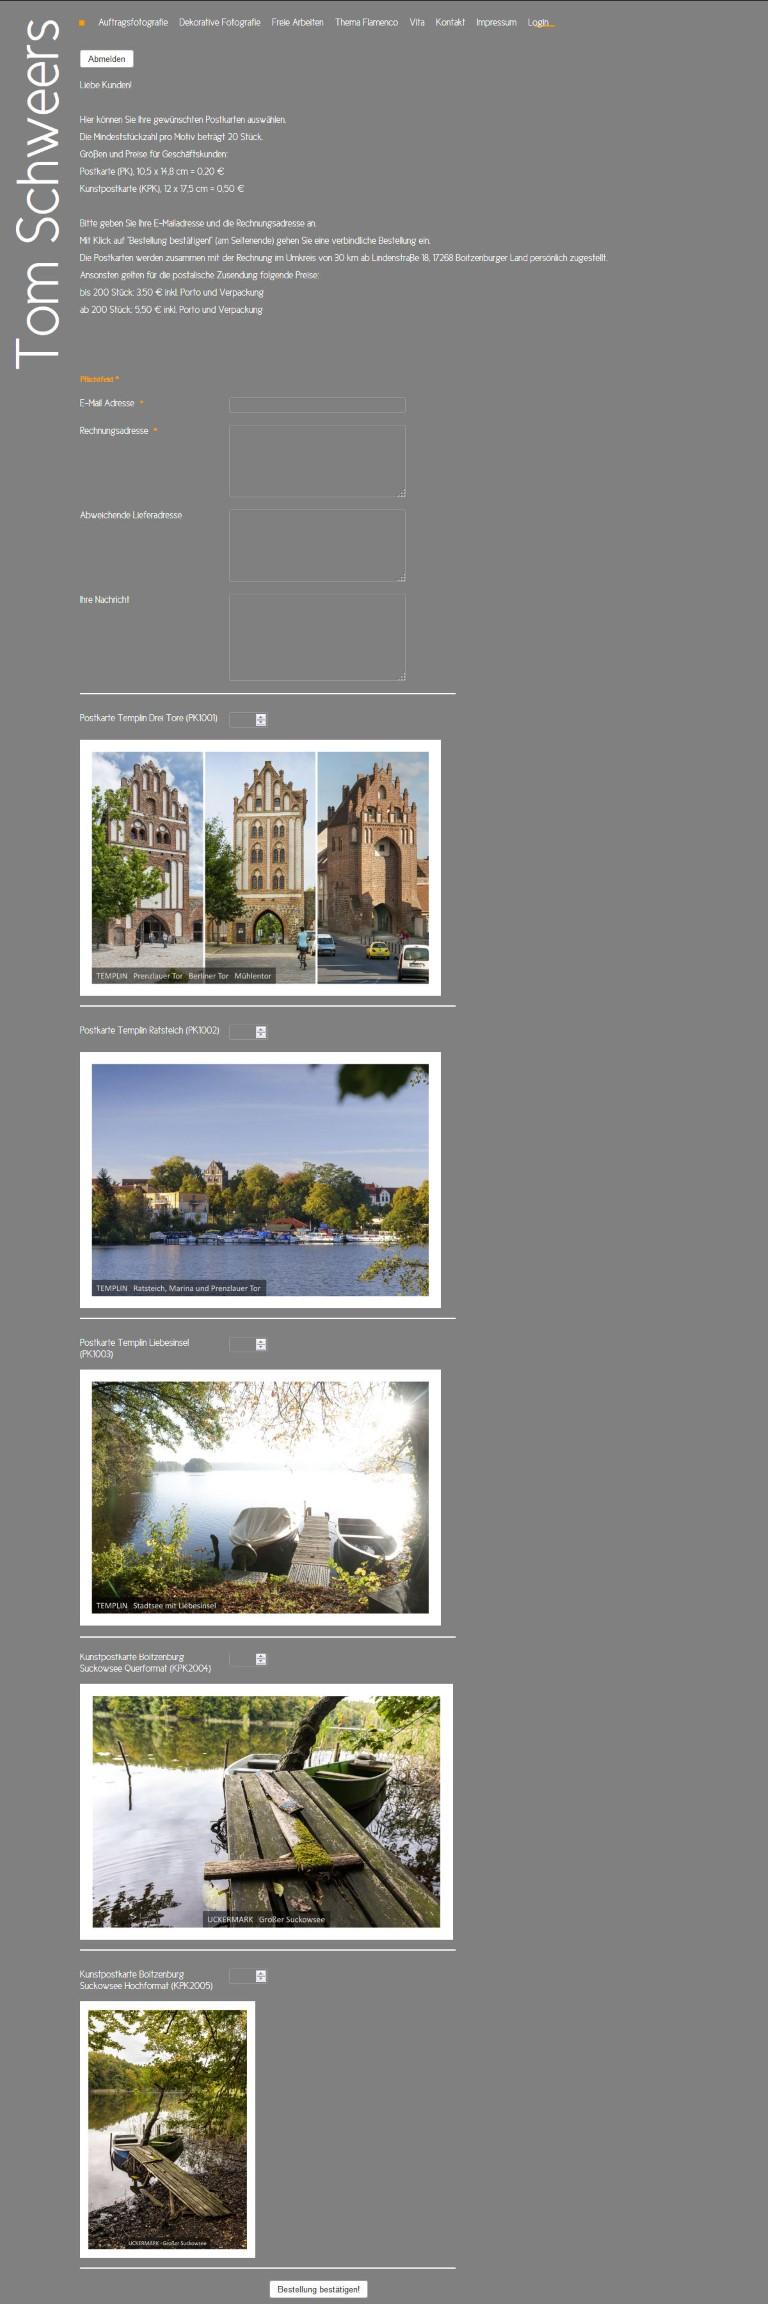 www.tomschweers.de Umsetzung eines automatischen Postkartenbestellsystems (Webshop) von Bert Gerlach